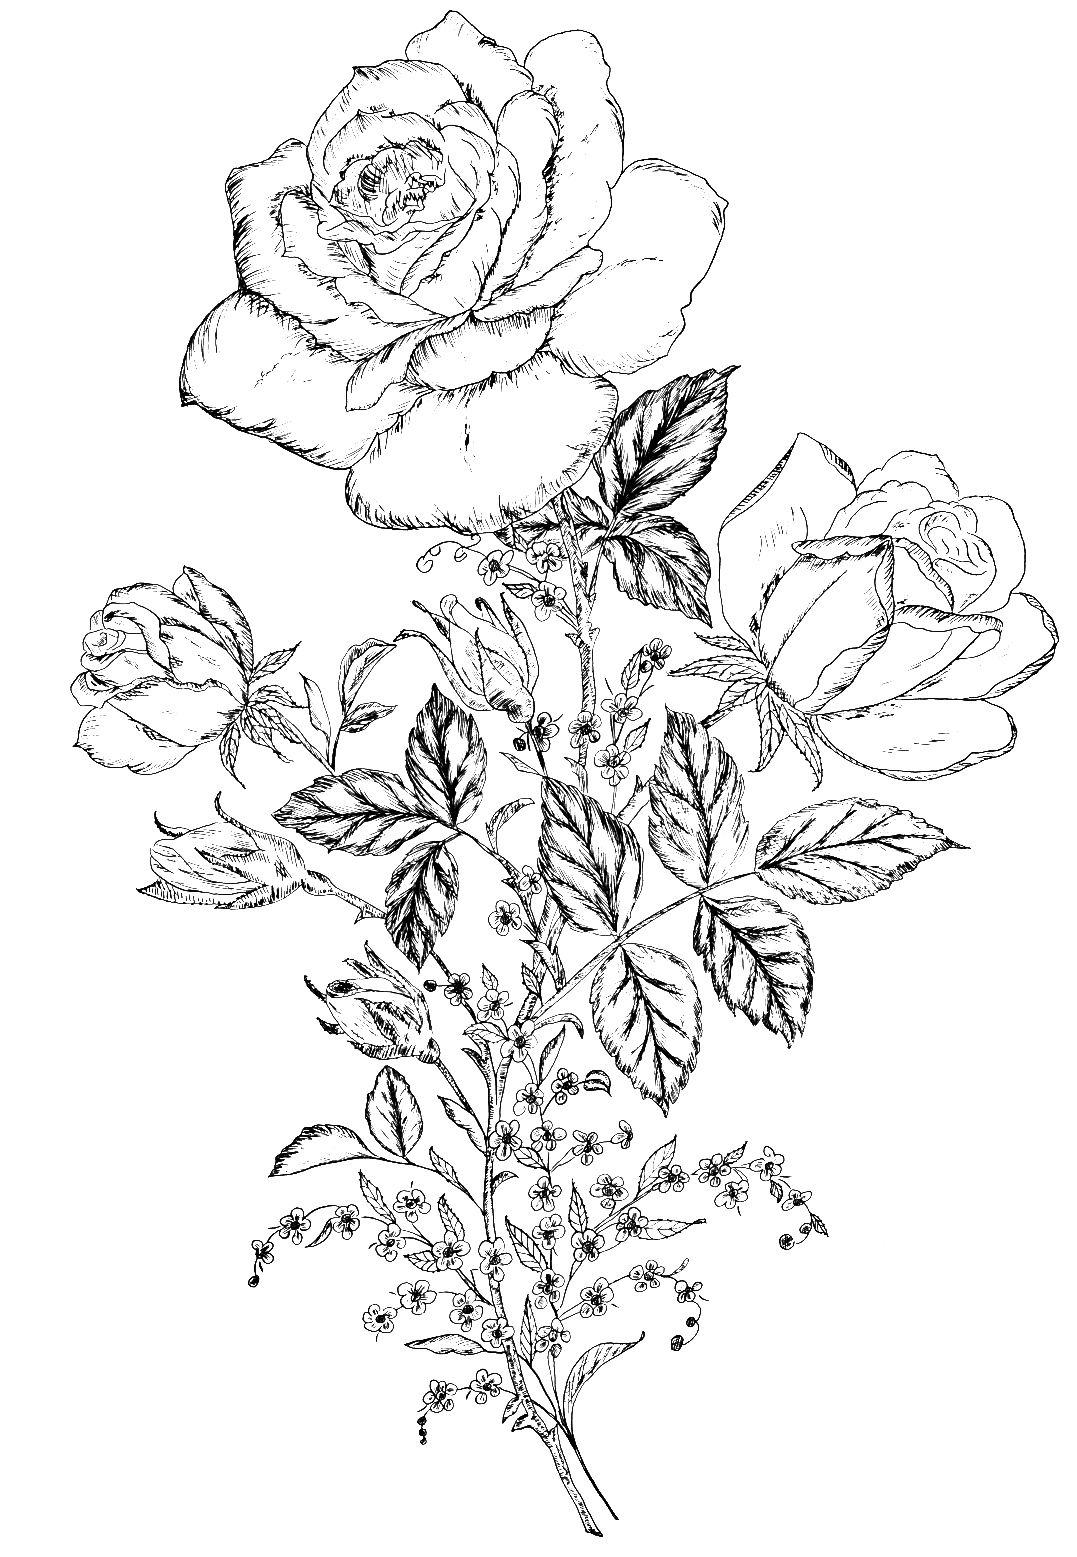 Pin de karen stofel en dig garden signs | Pinterest | Rosas y Vestiditos